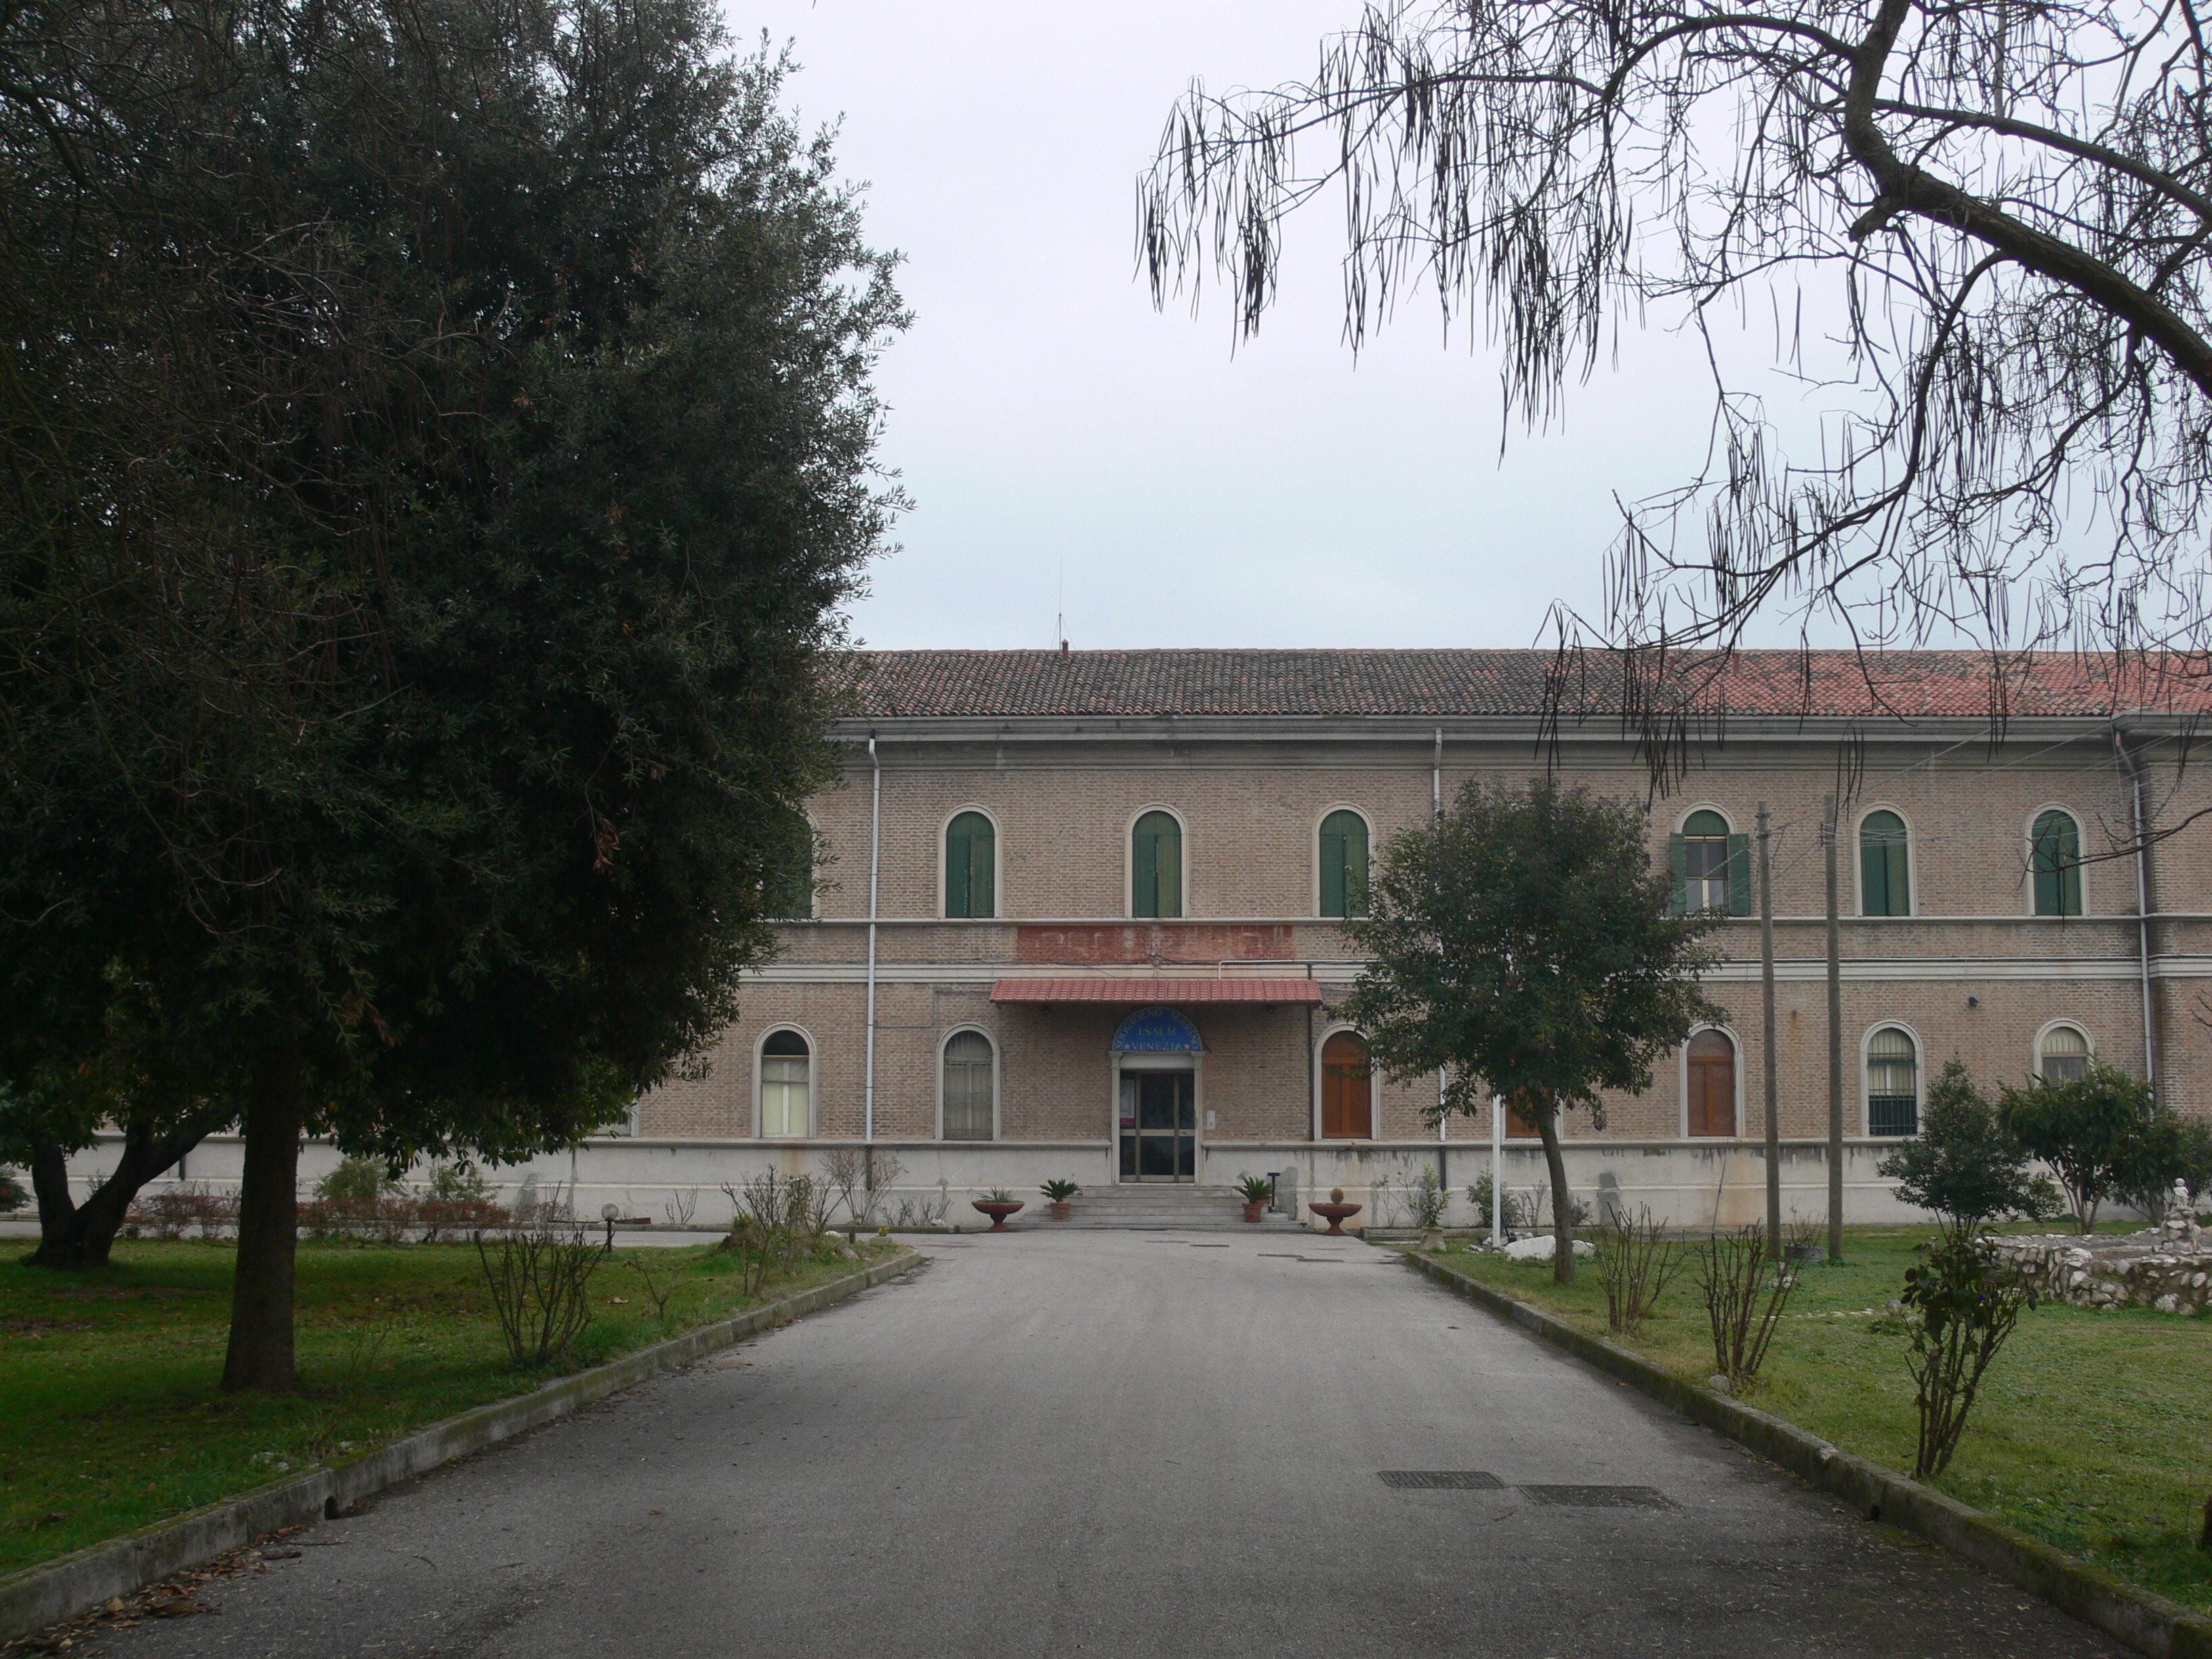 https://upload.wikimedia.org/wikipedia/commons/0/0e/Lido_di_Venezia_-_Residence_Soggiorno_Marino%2C_Marina_Militare_-_main_building.JPG